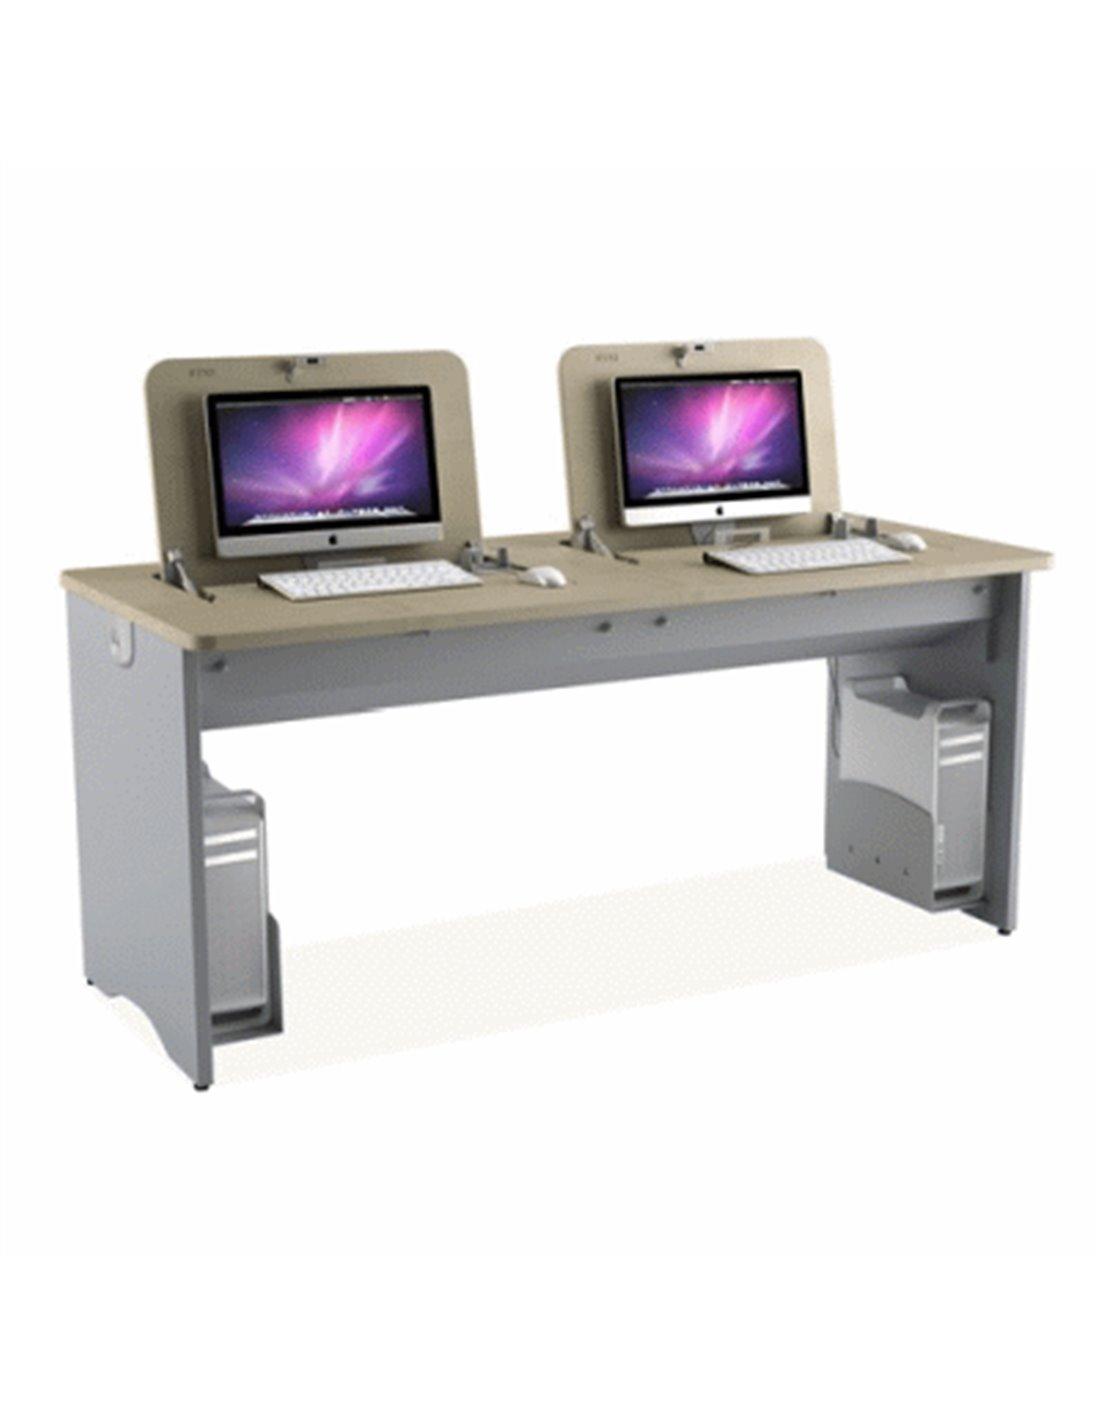 Scrivania Con Monitor A Scomparsa.Arredi Scolastici Oem Tavolo Imo X 2 Monitor Max 22 E Tastiera O